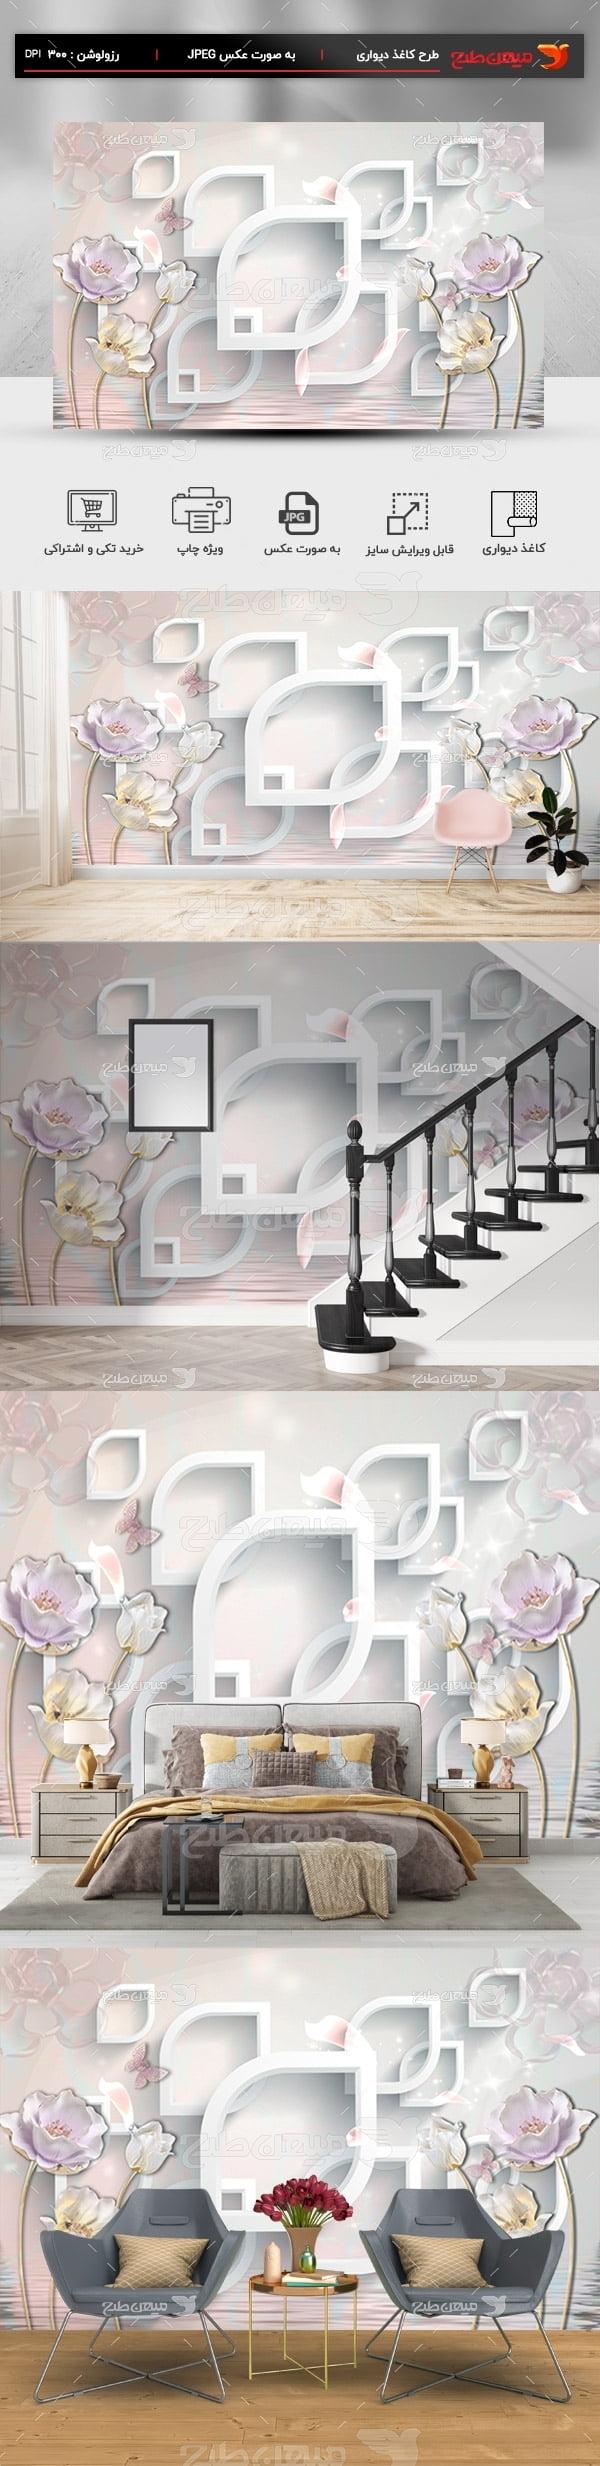 پوستر کاغذ دیواری سه بعدی طرح گل یاسی